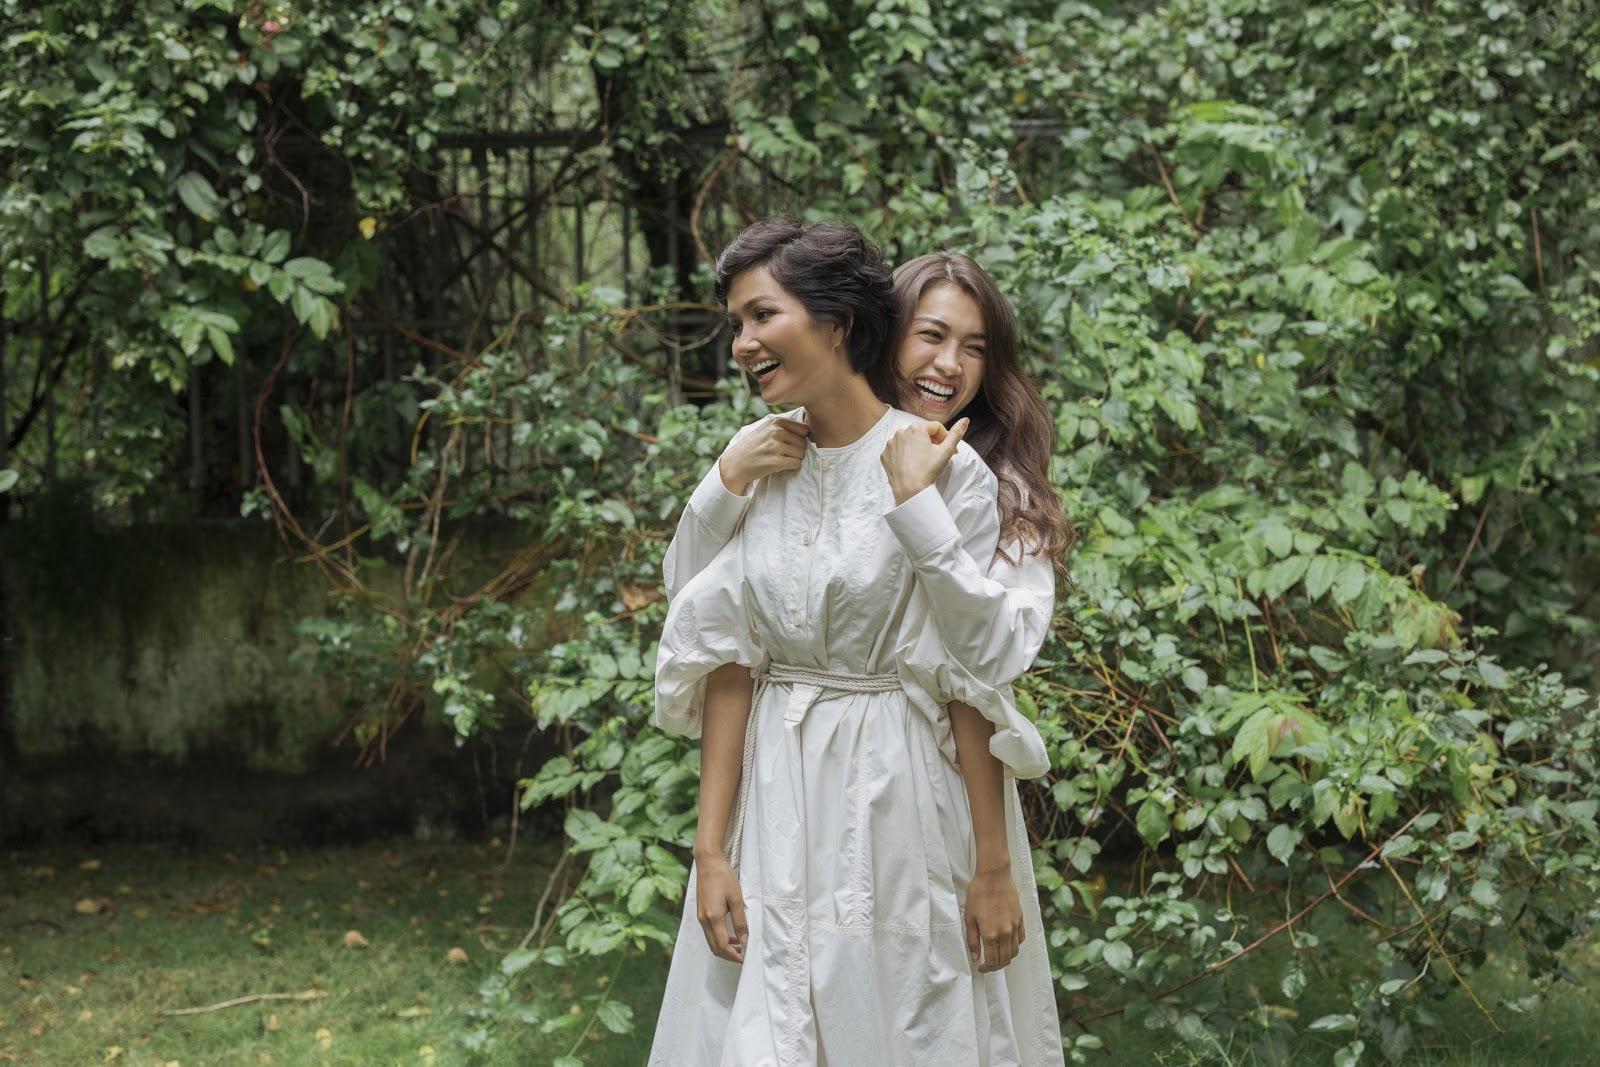 H'Hen Niê và Lệ Hằng tung ảnh mặt mộc, mặc áo gợi cảm ăn mừng về nhất Tập 8 Cuộc Đua Kỳ Thú 2019 - Hình 11